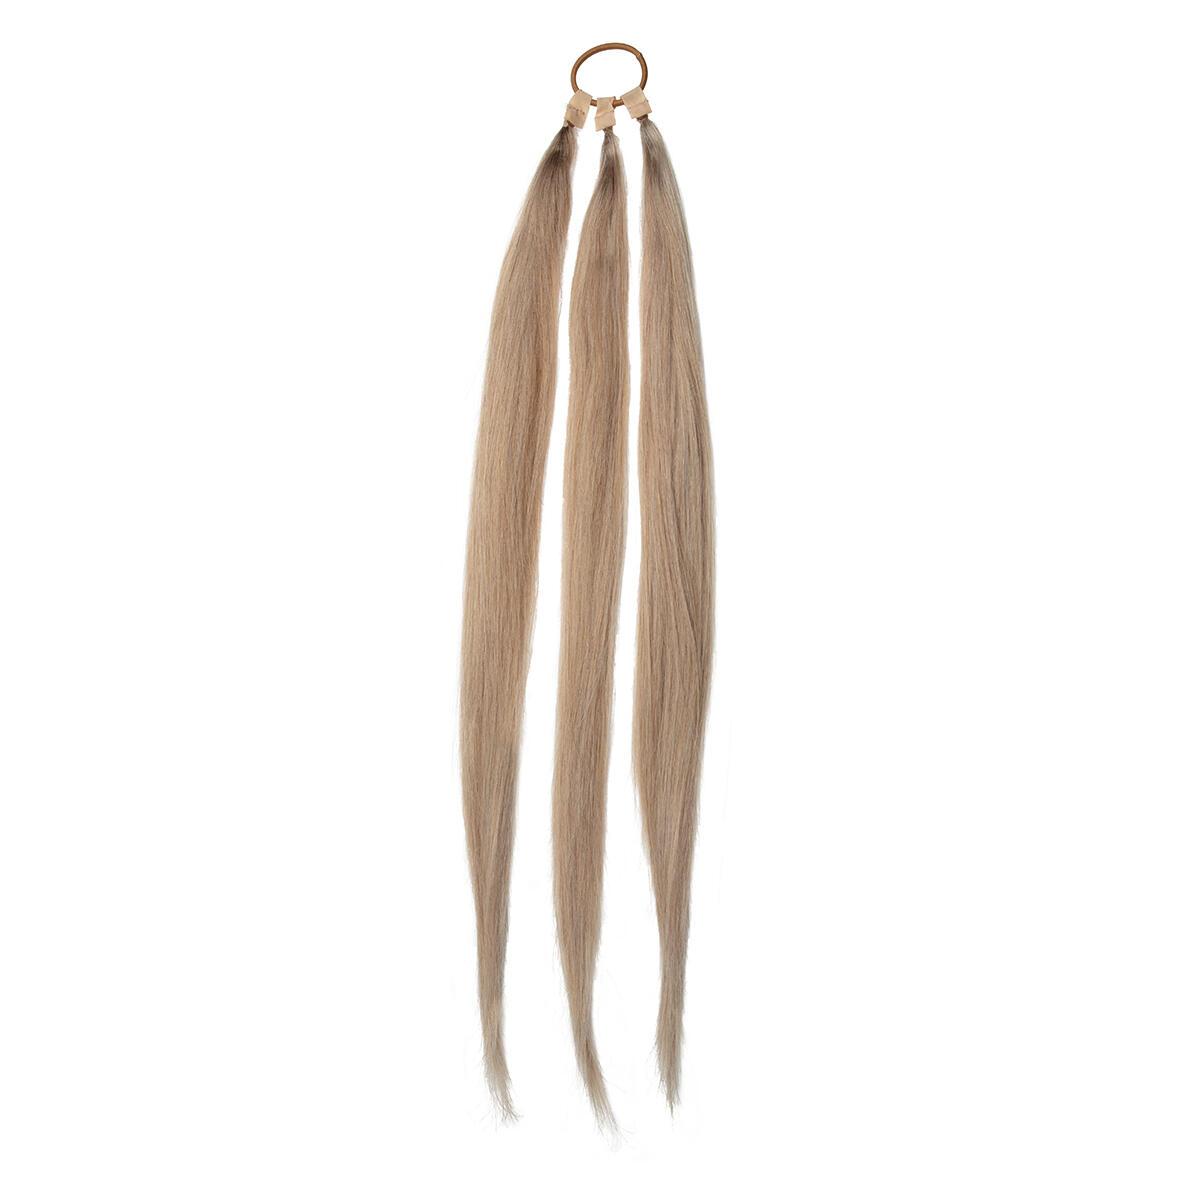 Easy Braid M7.3/10.8 Cendre Ash Blonde Mix 55 cm